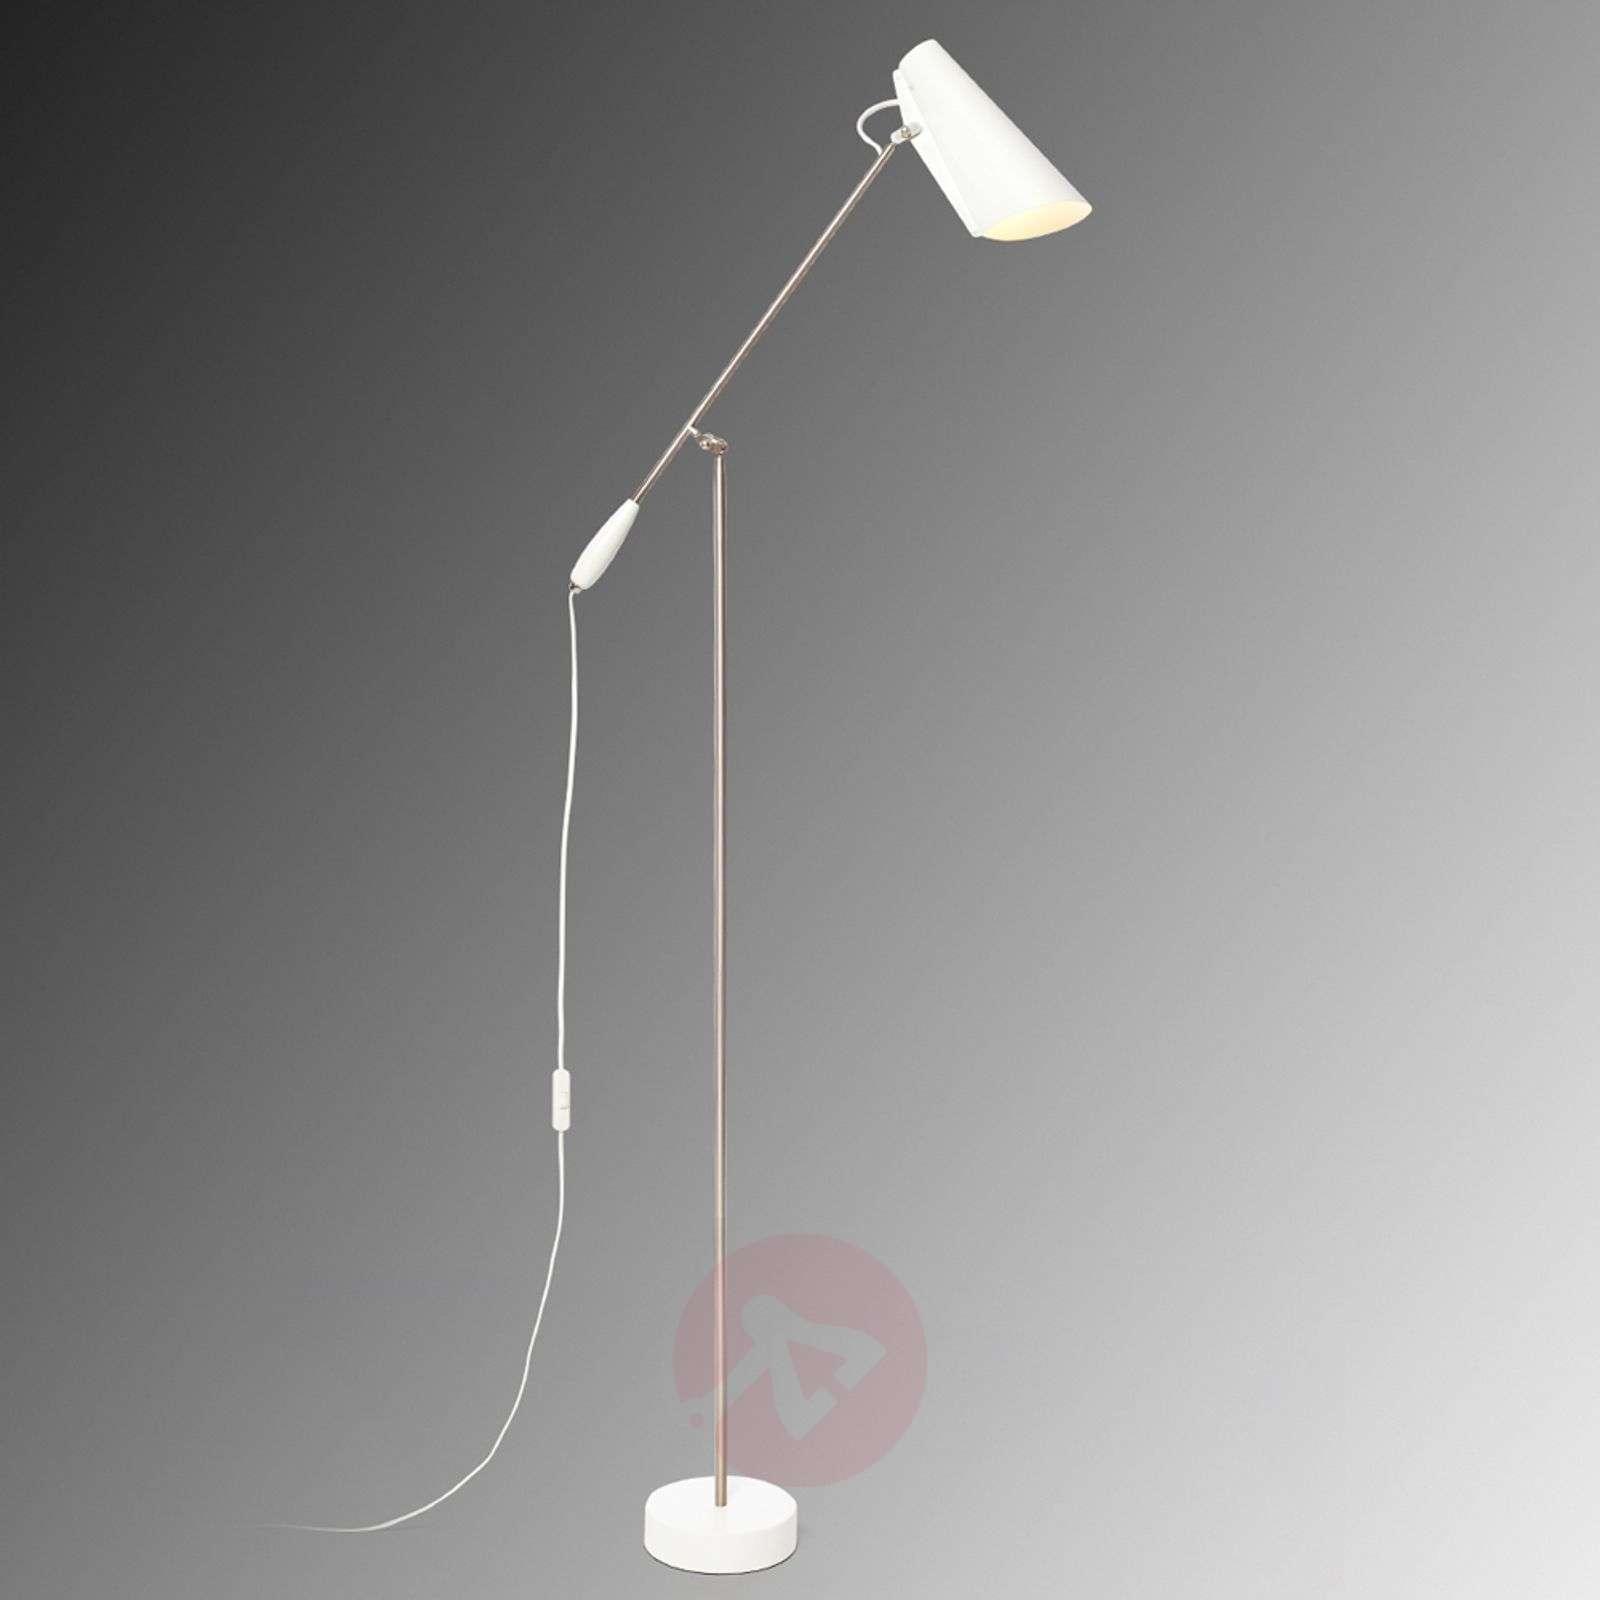 Valkoinen retrolattiavalaisin Birdy-7013050-01